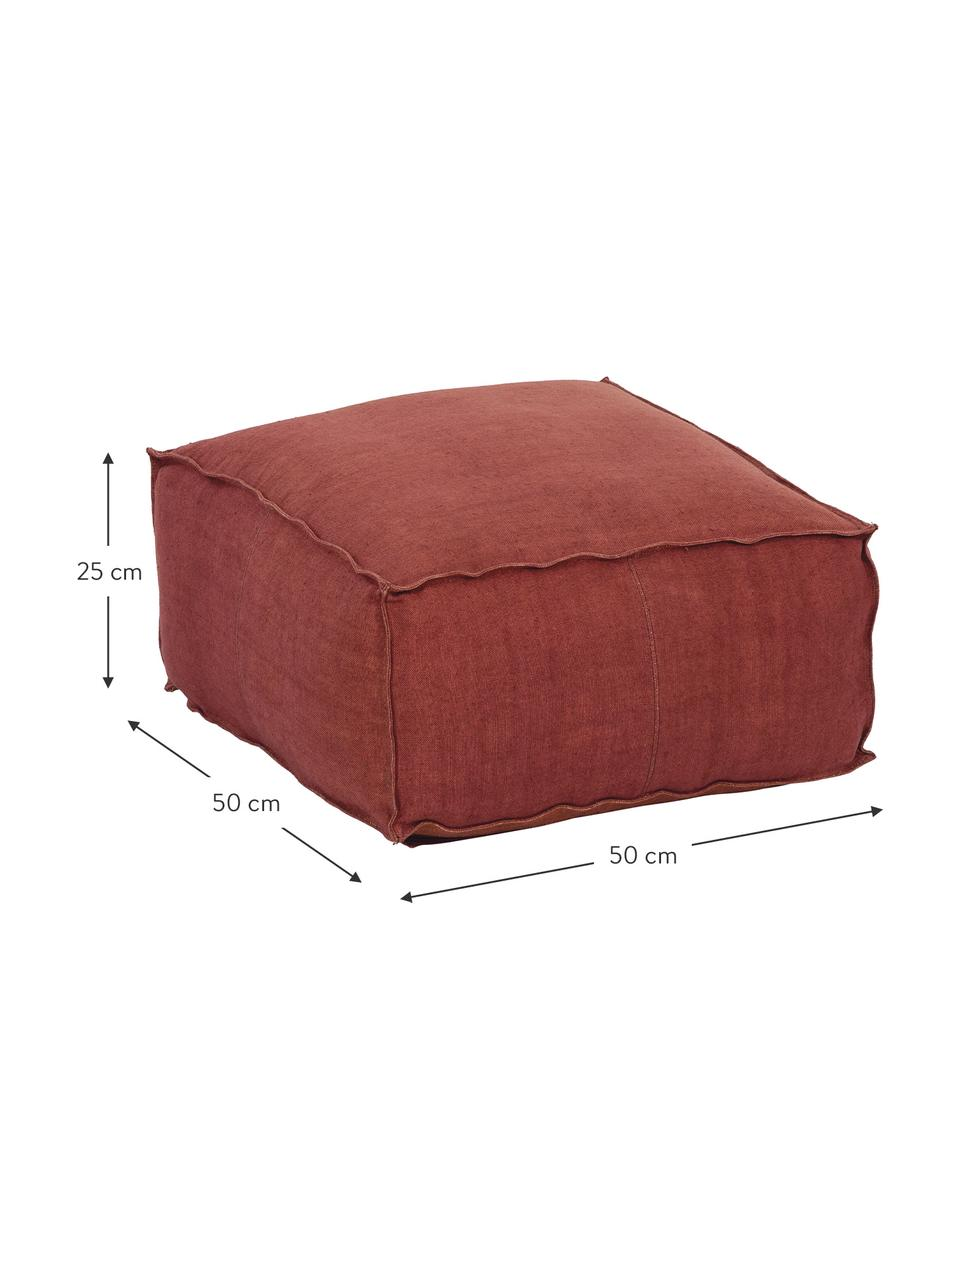 Cuscino da pavimento in lino fatto a mano Zafferano, Rivestimento: 100% lino, Rosso ruggine, Larg. 50 x Alt. 25 cm